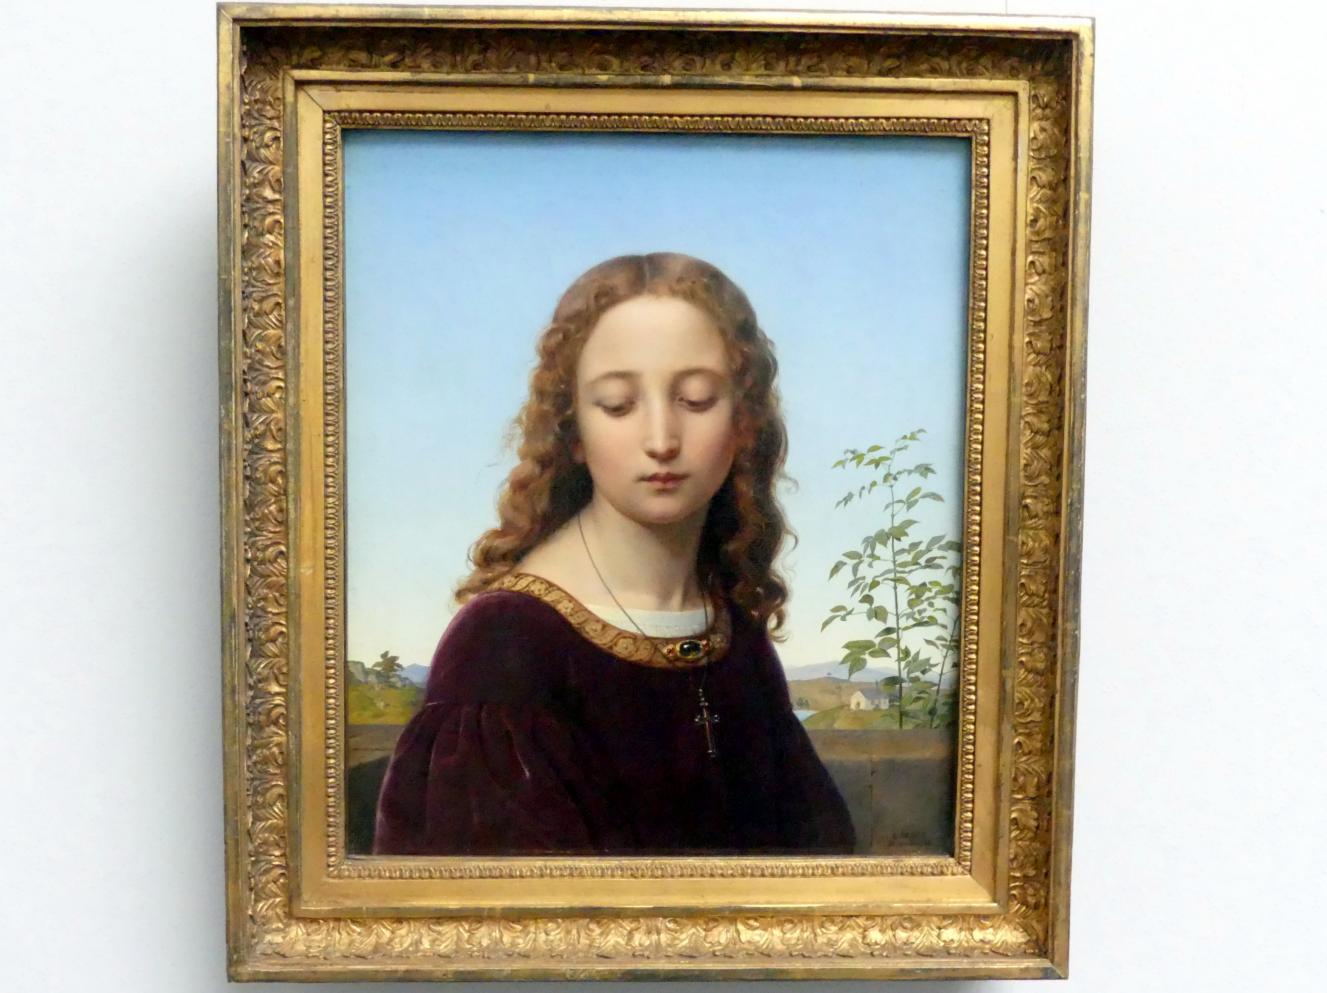 Ernst Deger: Bildnis eines jungen Mädchens, 1835